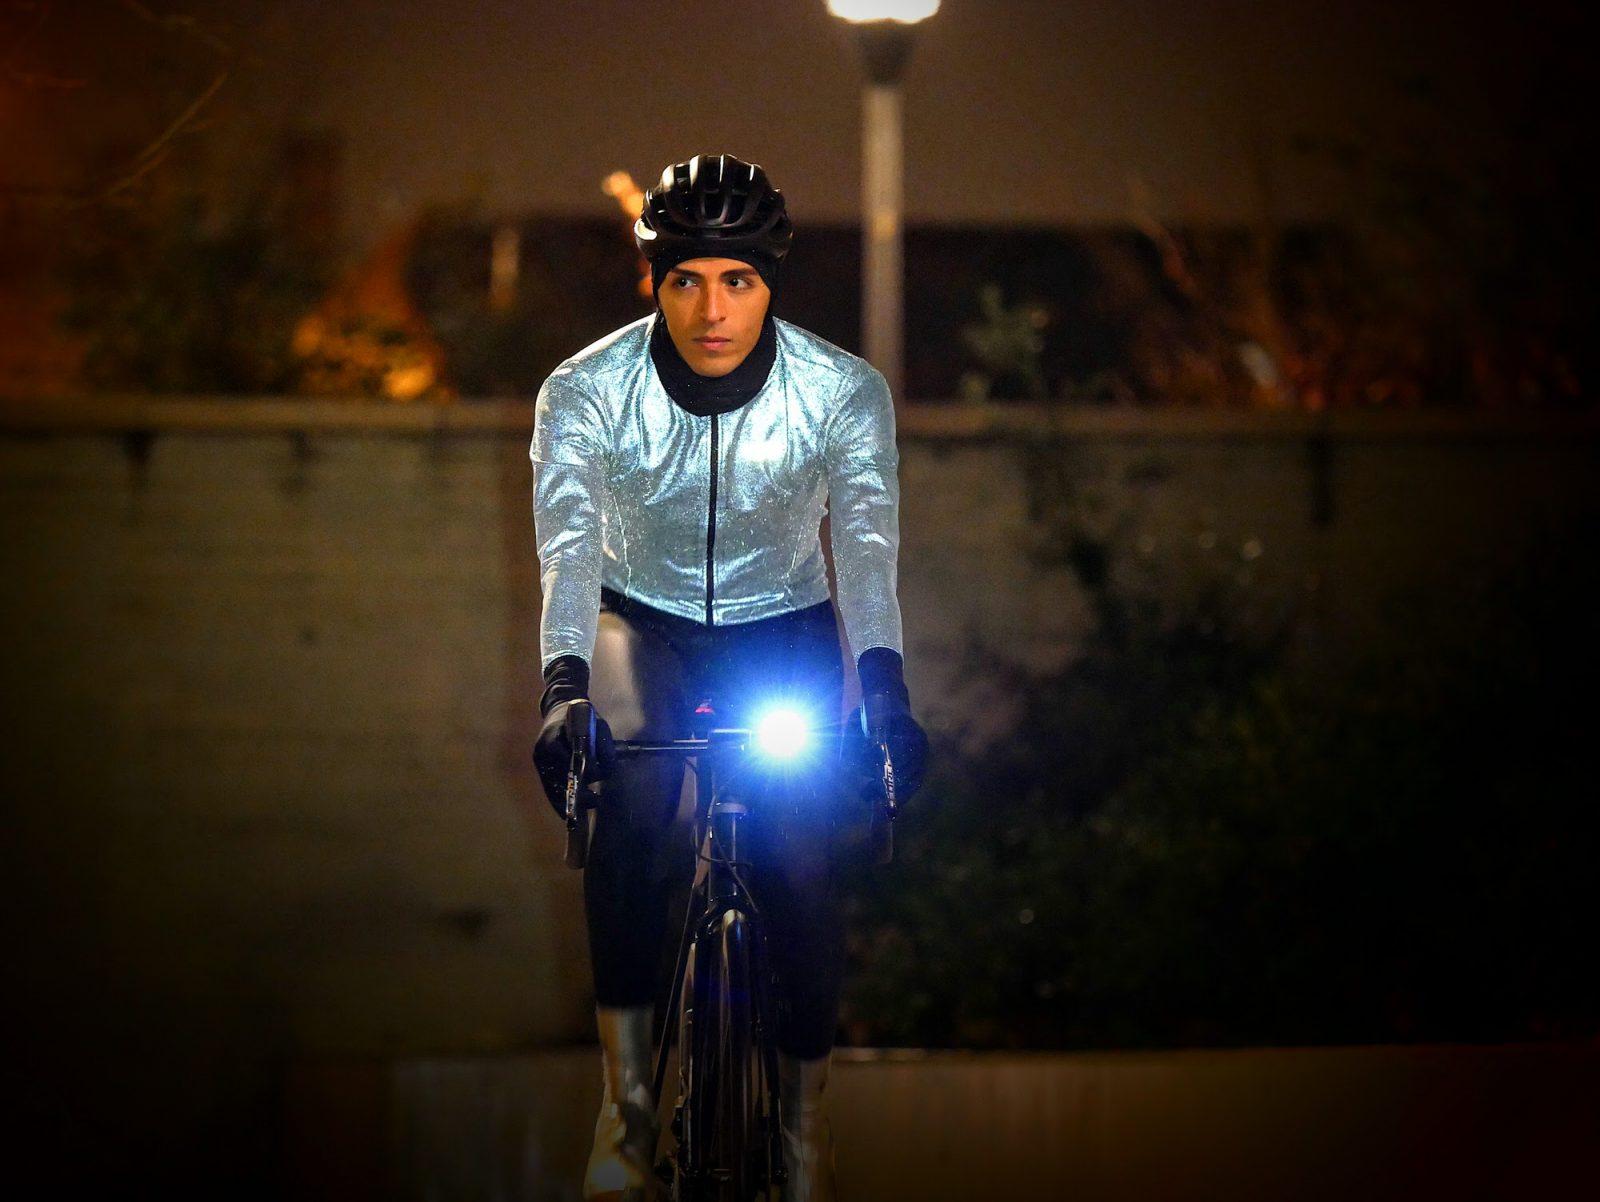 Veste de vélo réfléchissante OZIO